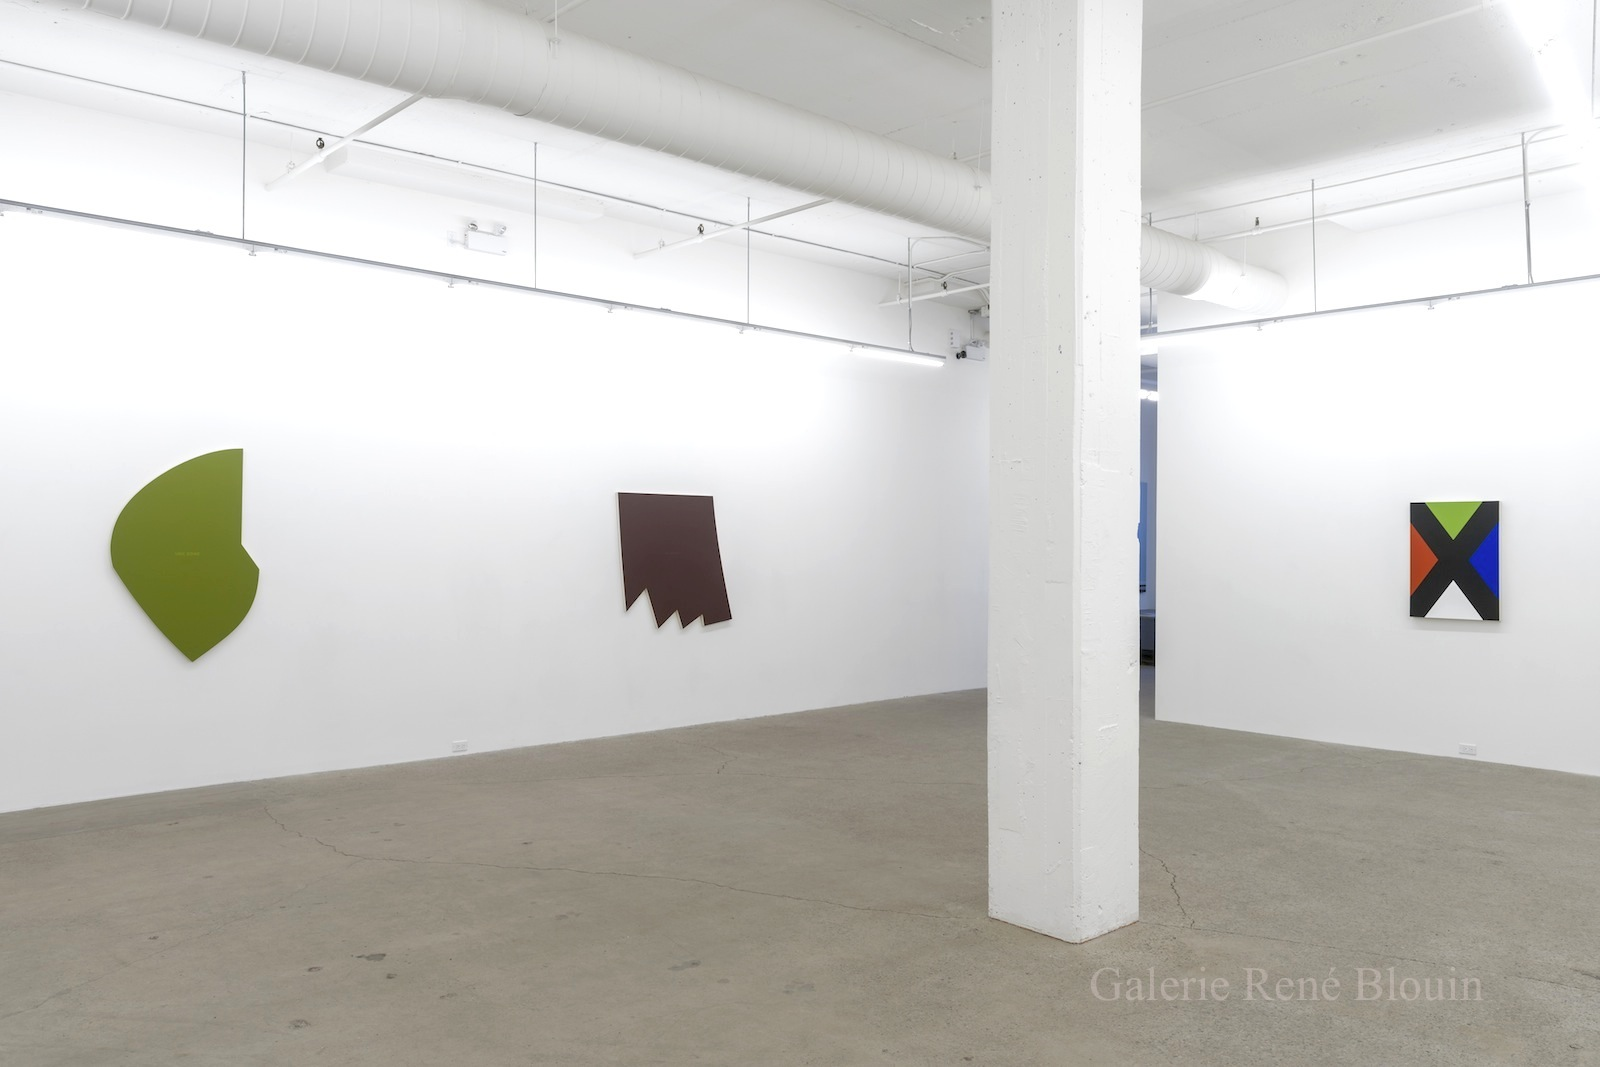 Vue d'installation | Géométries 18 juin au 13 août 2016 Daniel Langevin | Pierre Dorion | Francine Savard Crédit photo : Guy L'Heureux